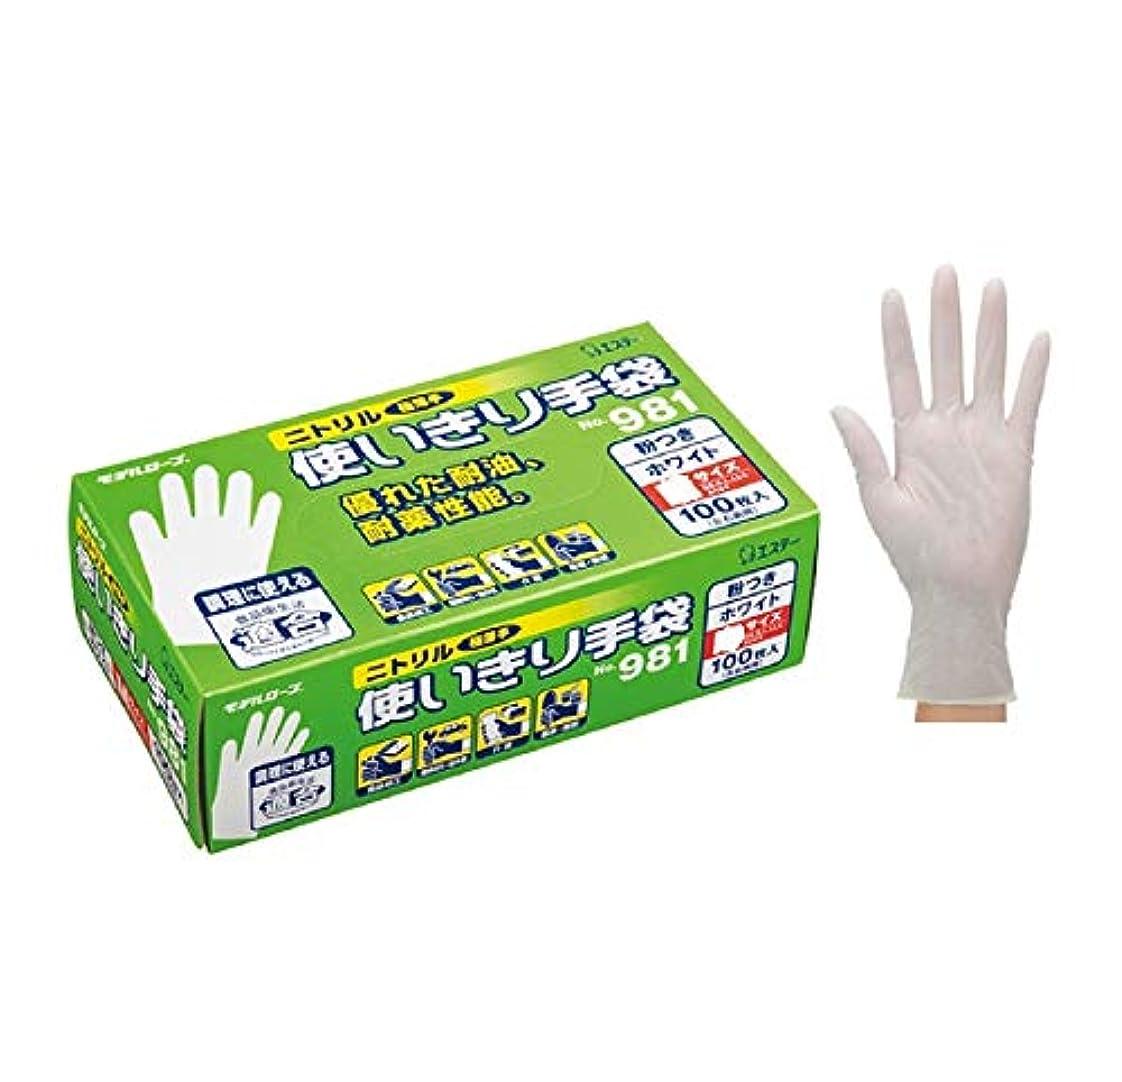 解くスコットランド人分子エステー ニトリル手袋/作業用手袋 [粉付 No981/M 12箱]